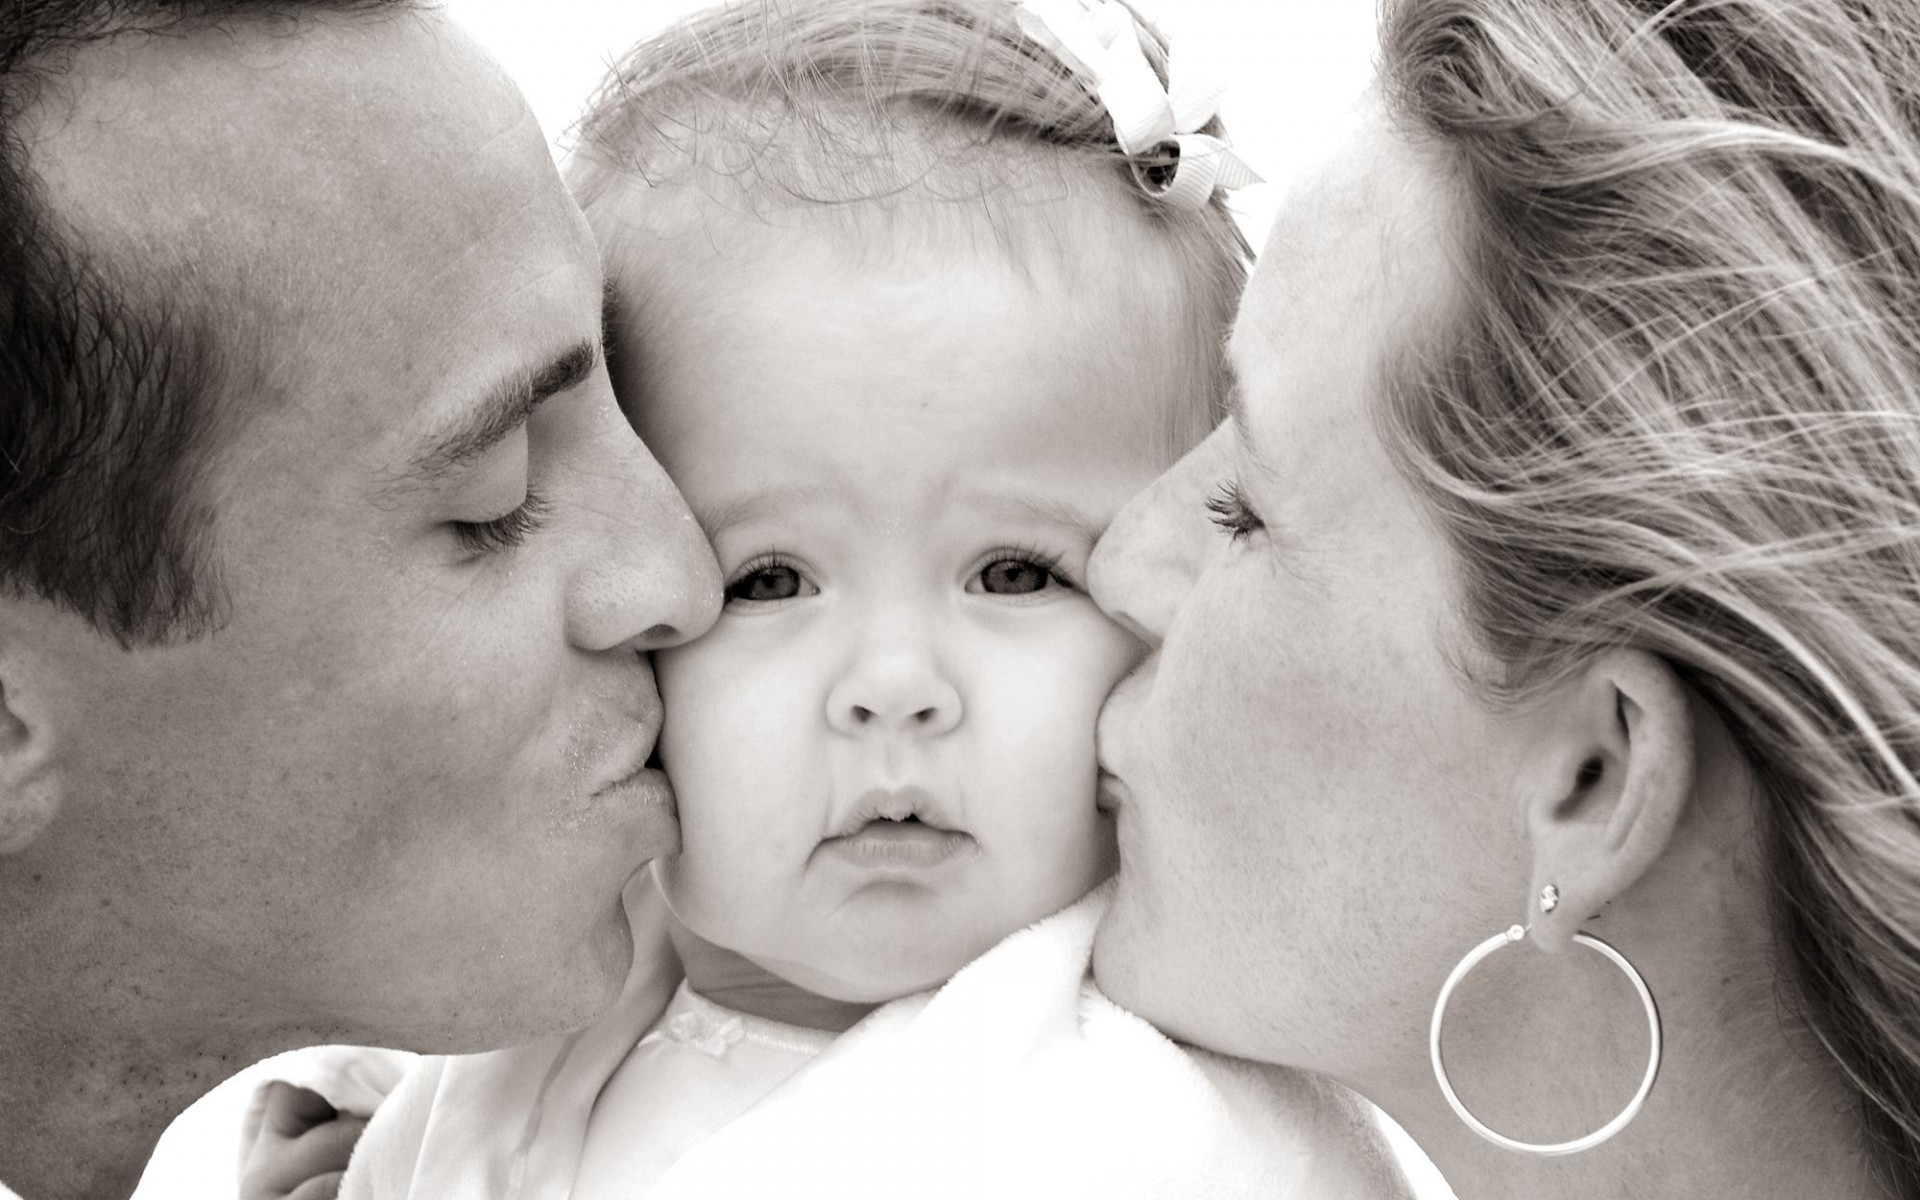 بوسه ناز کودک